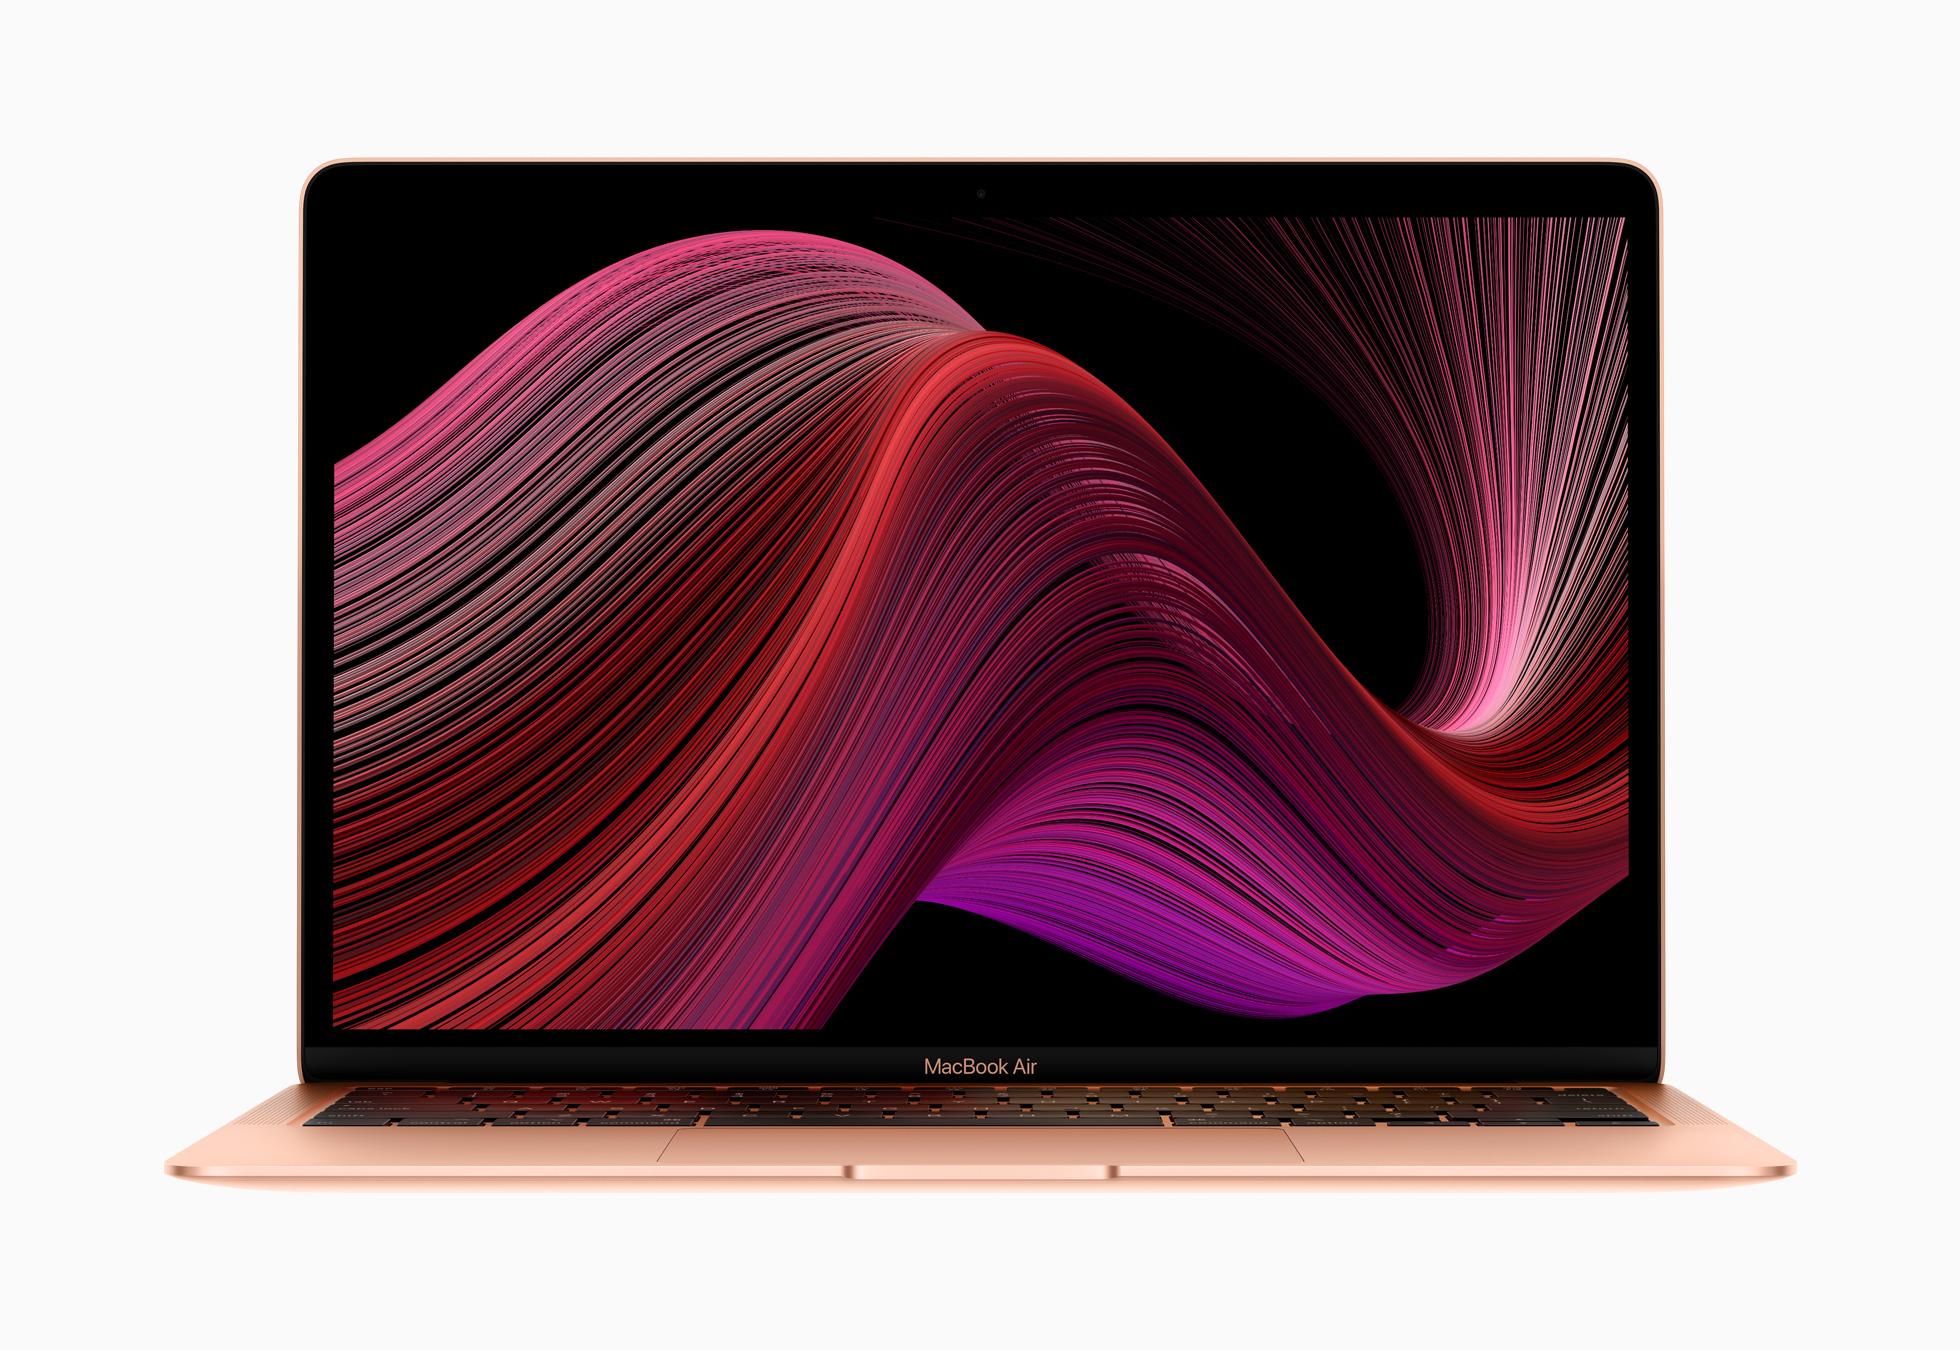 Macbook Air E Atualizado Com Novo Teclado Ihelp Br